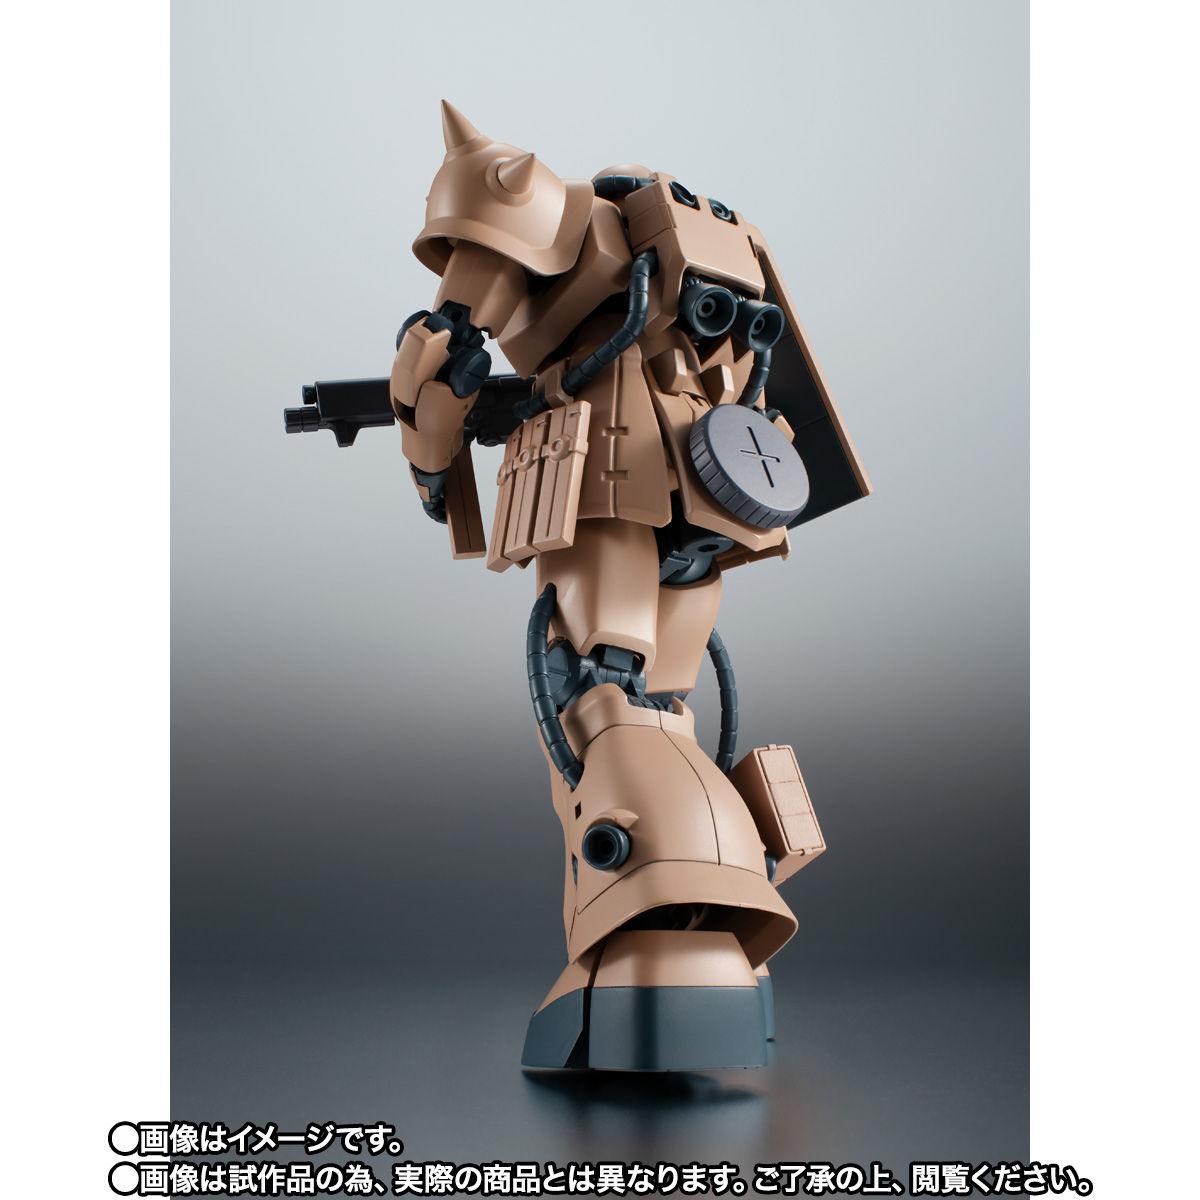 【限定販売】ROBOT魂〈SIDE MS〉『MS-06F-2 ザクII F2型 キンバライド基地仕様 ver. A.N.I.M.E.』ガンダム0083 可動フィギュア-006